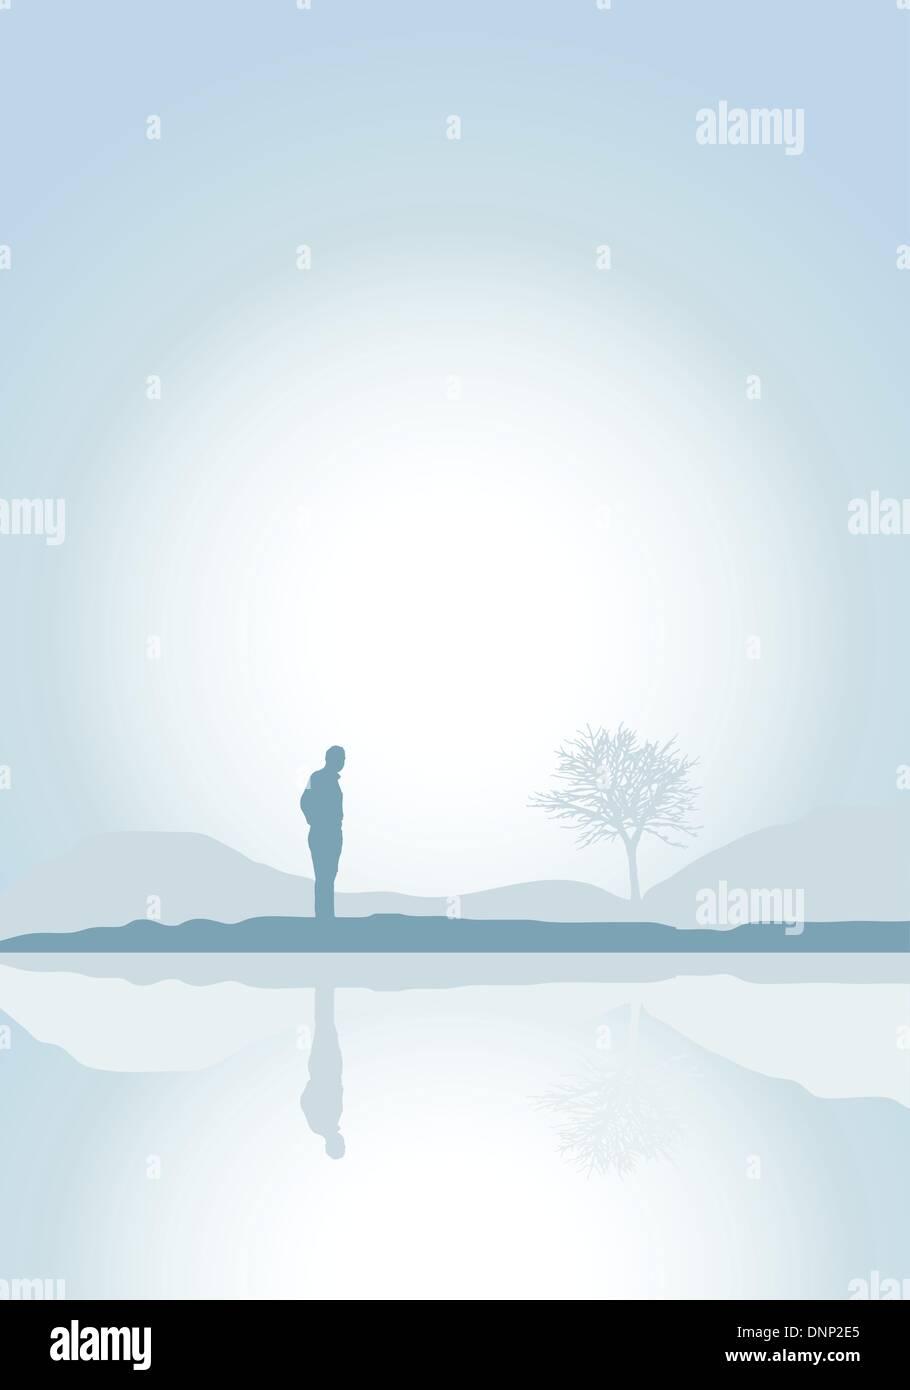 Silhouette di un uomo solitario da un lagoIllustrazione Vettoriale